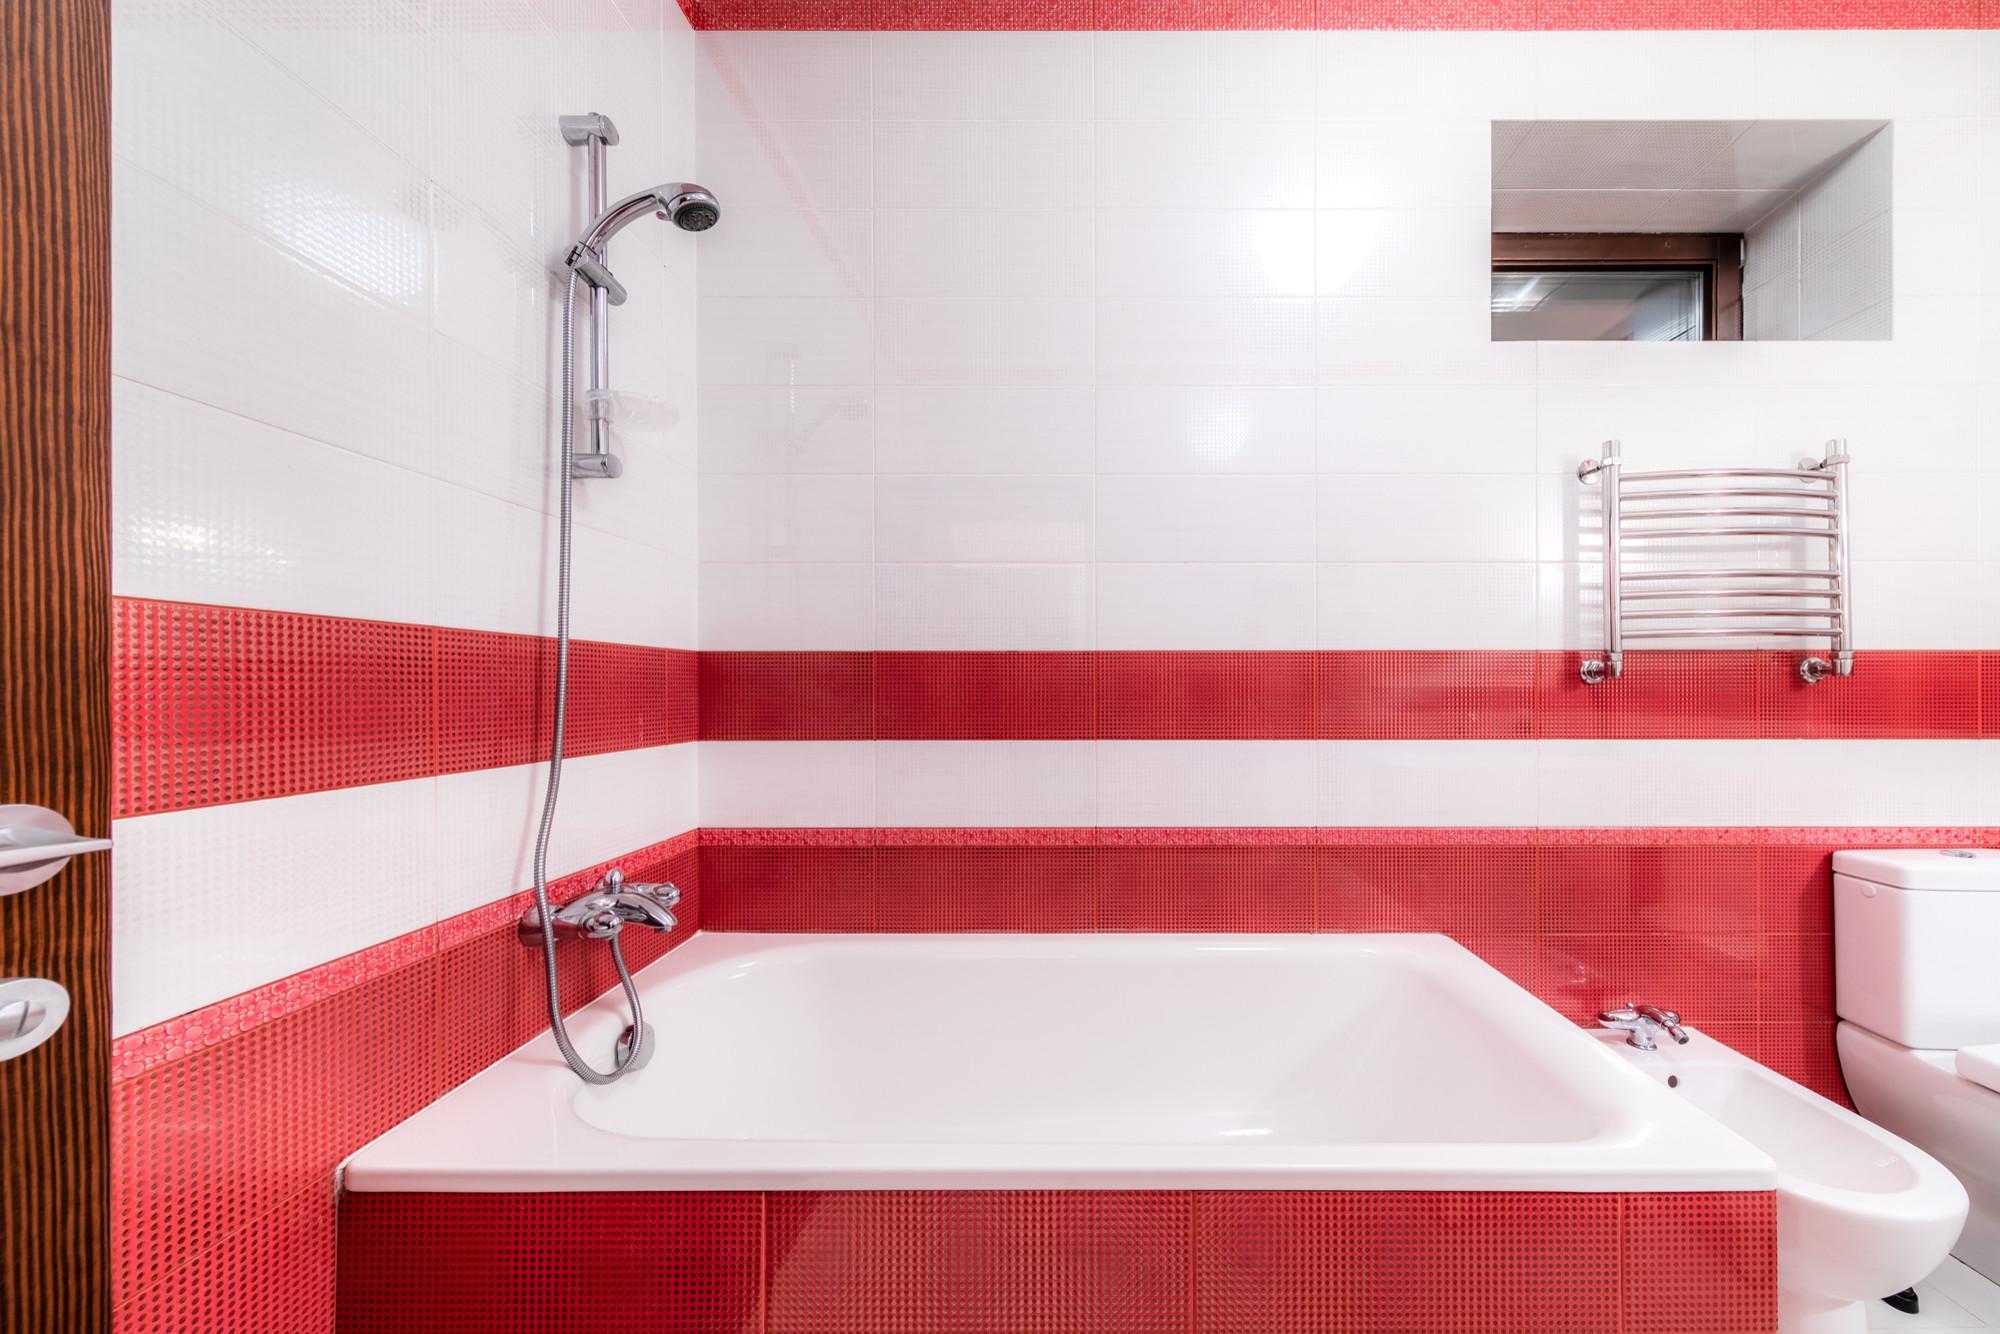 Ванная комната в классическом стиле в красно-белых тонах